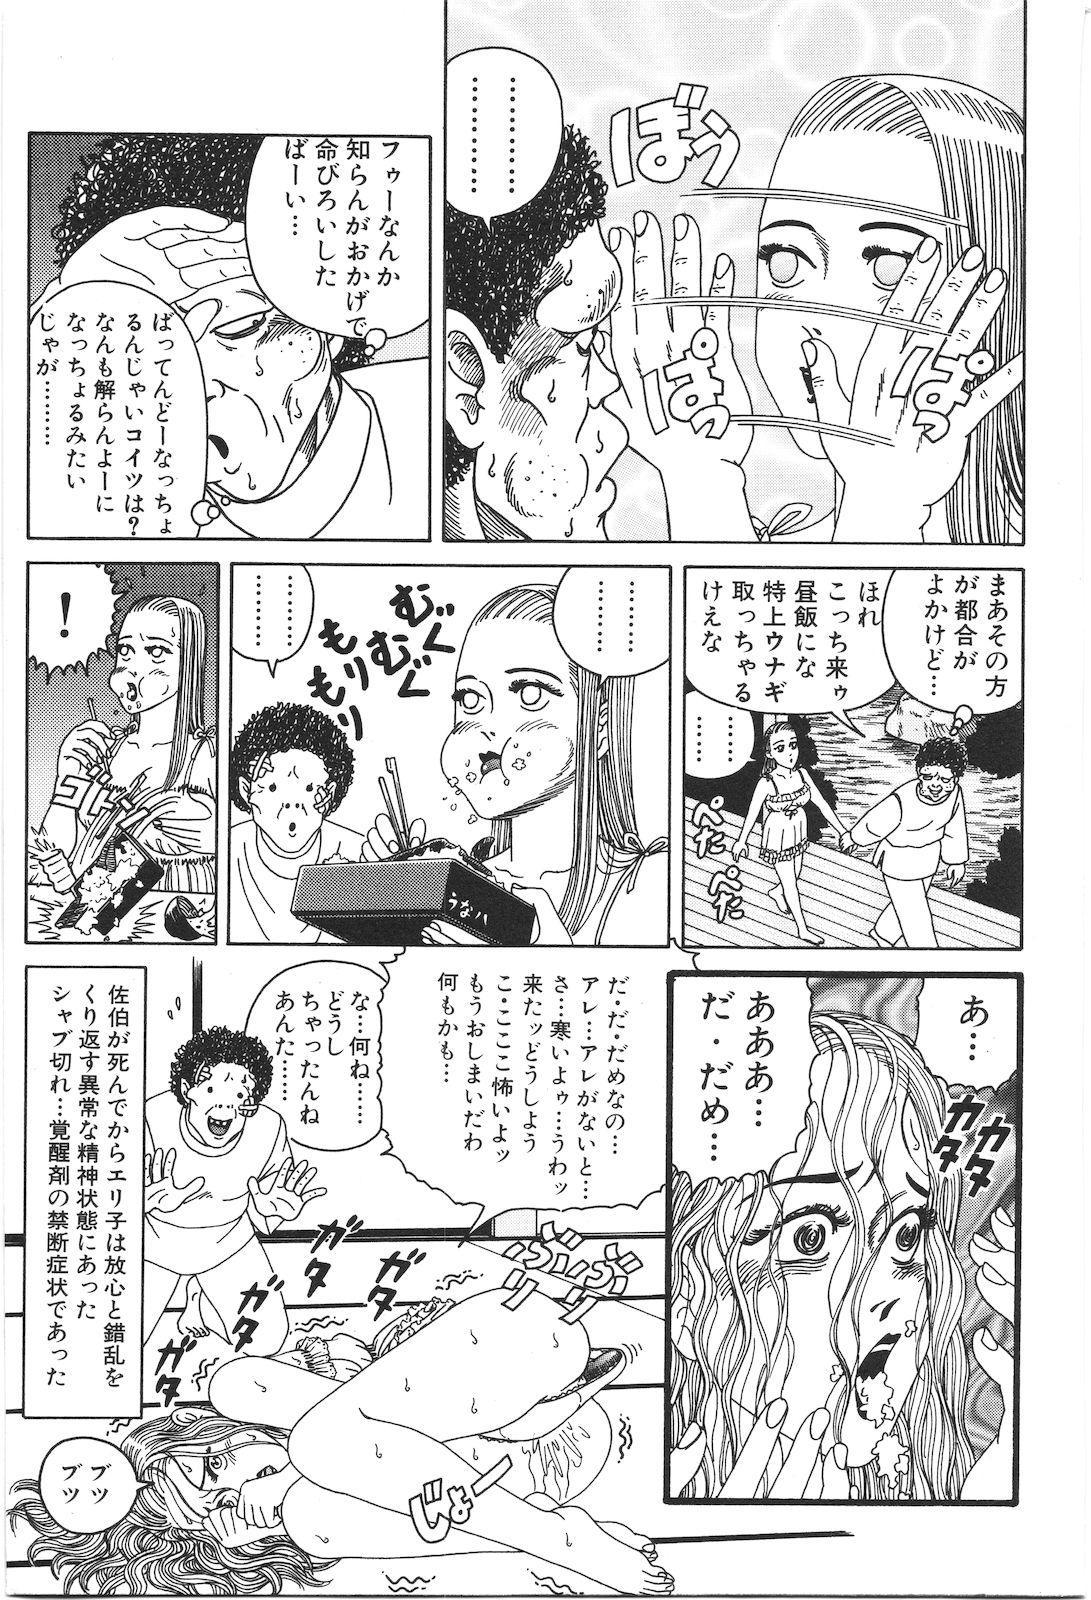 Dobusarai Gekijou 242